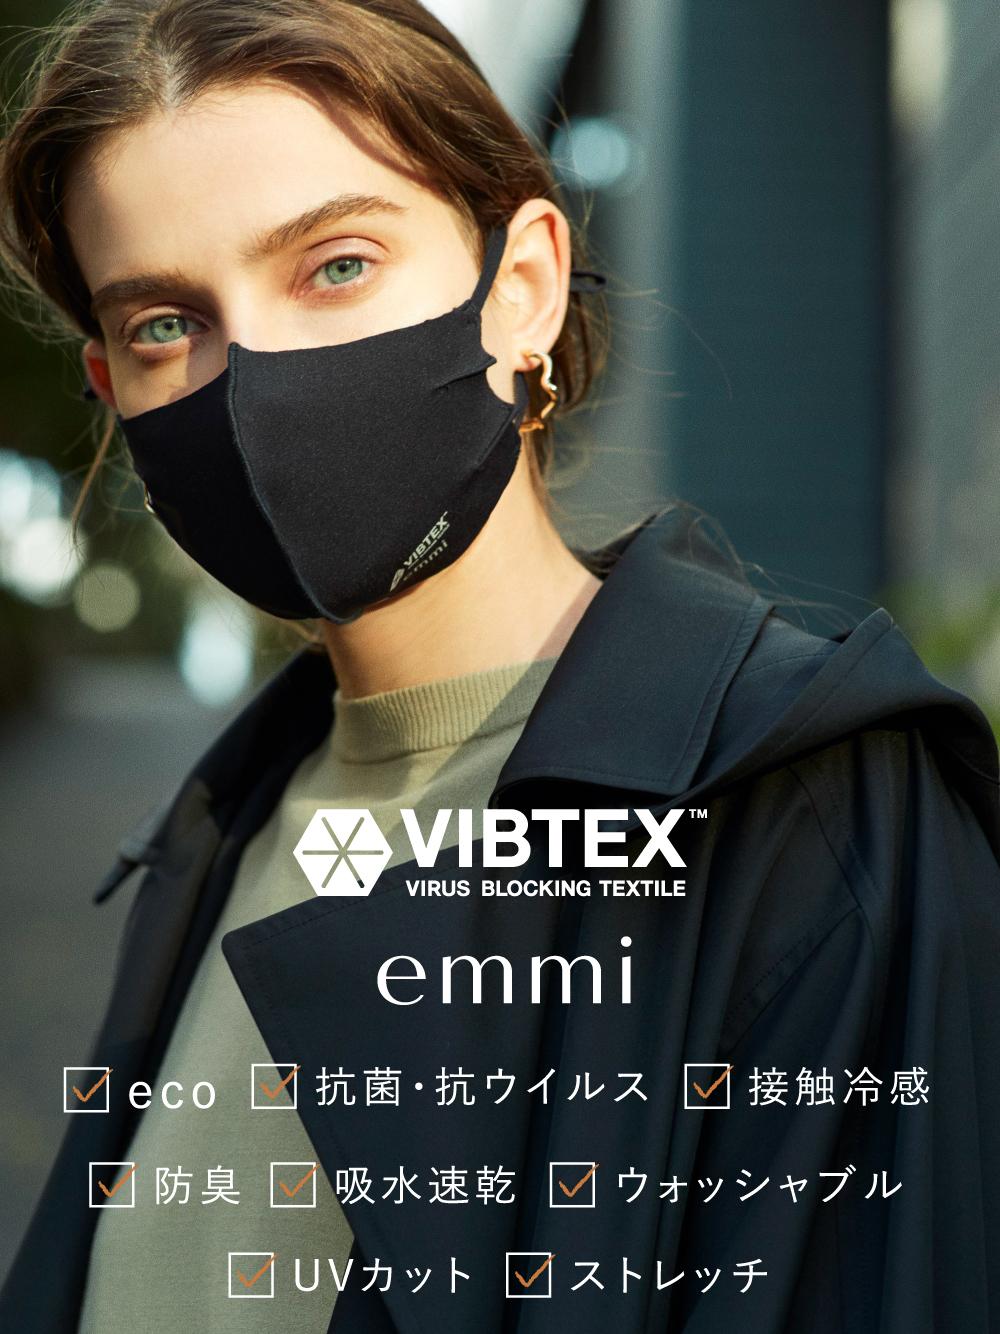 【emmi yoga】VIBTEX マスクアジャスター付き(BLK-F)